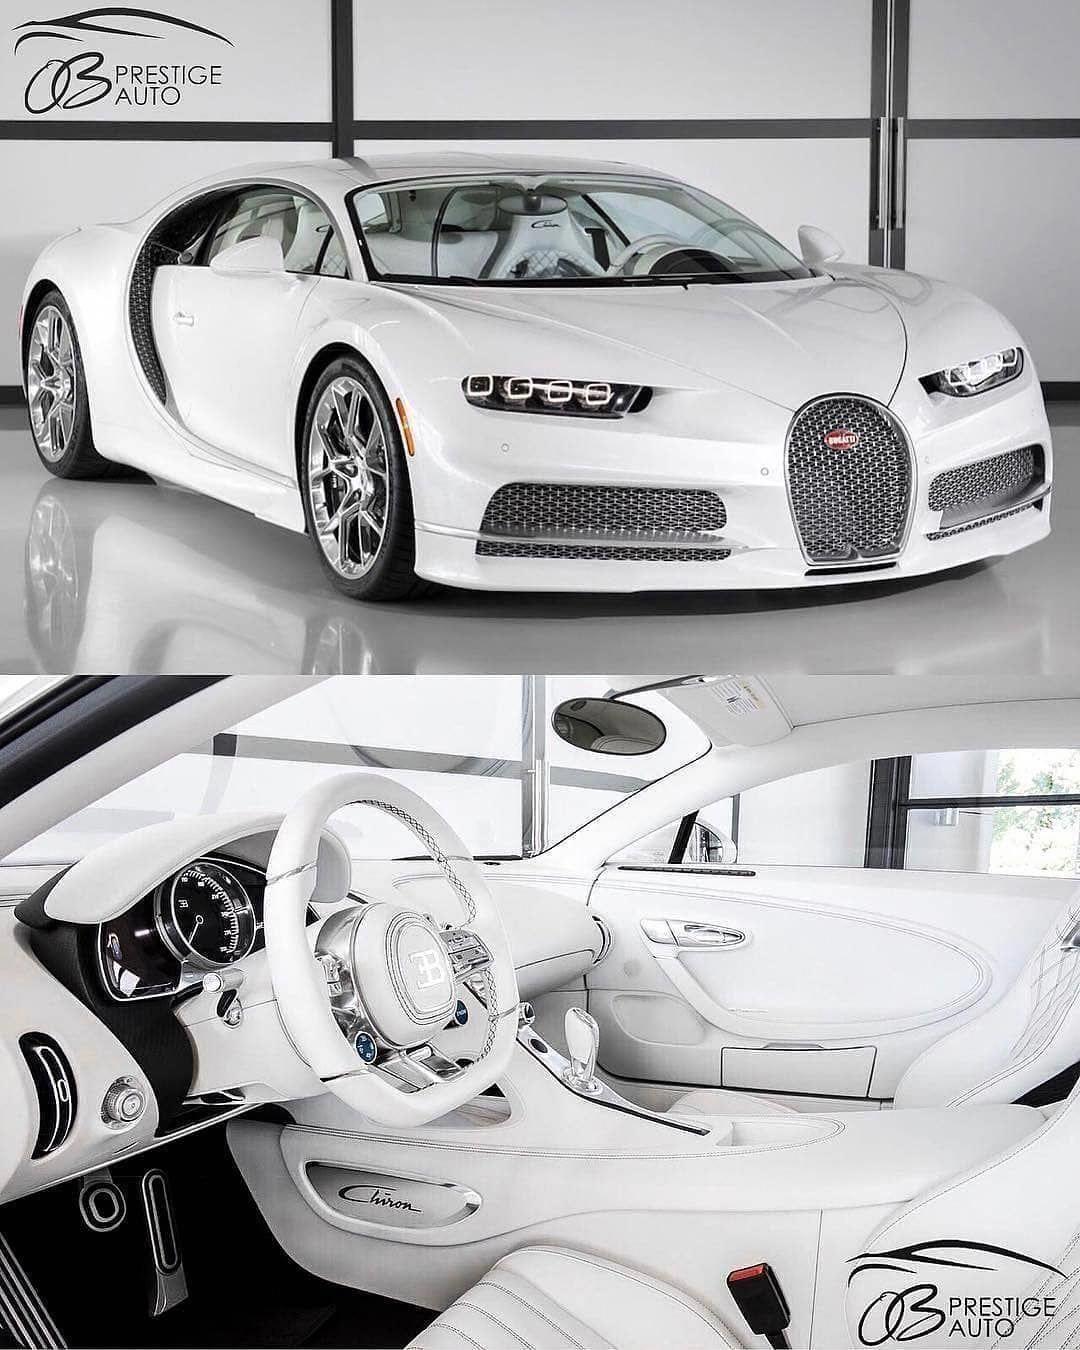 Luxury Cars Collection Luxurycars In 2020 Bugatti Chiron Interior Audi Sports Car Bugatti Chiron